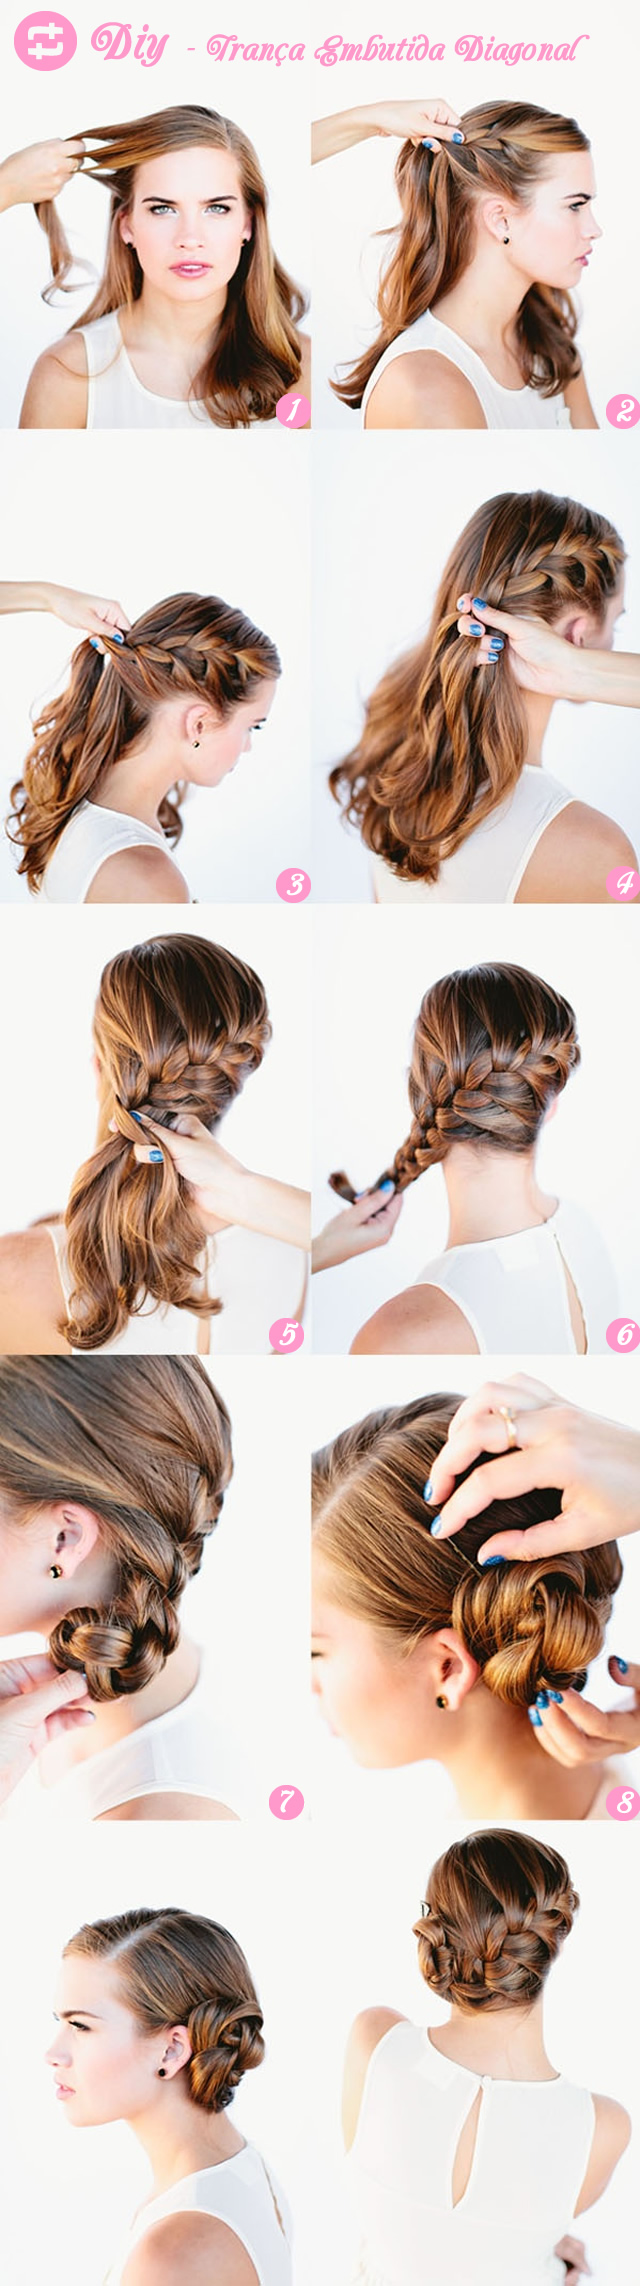 penteados-tranças-6